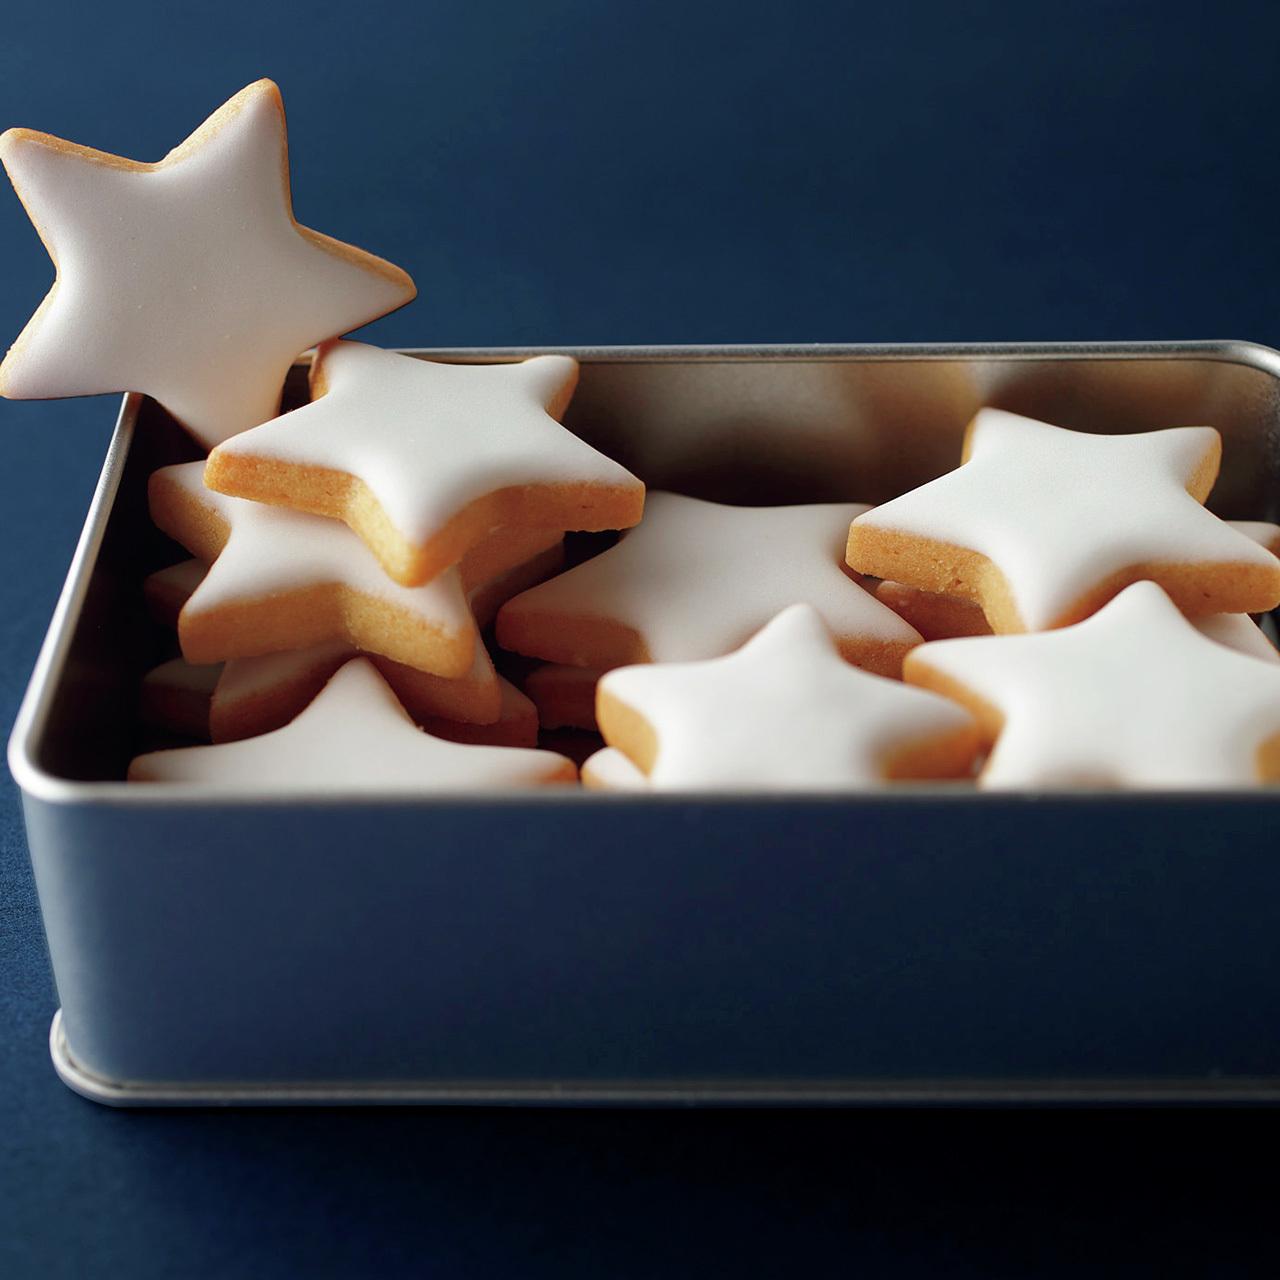 おいしさの小宇宙、缶入りクッキーの世界へようこそ 五選_1_1-4